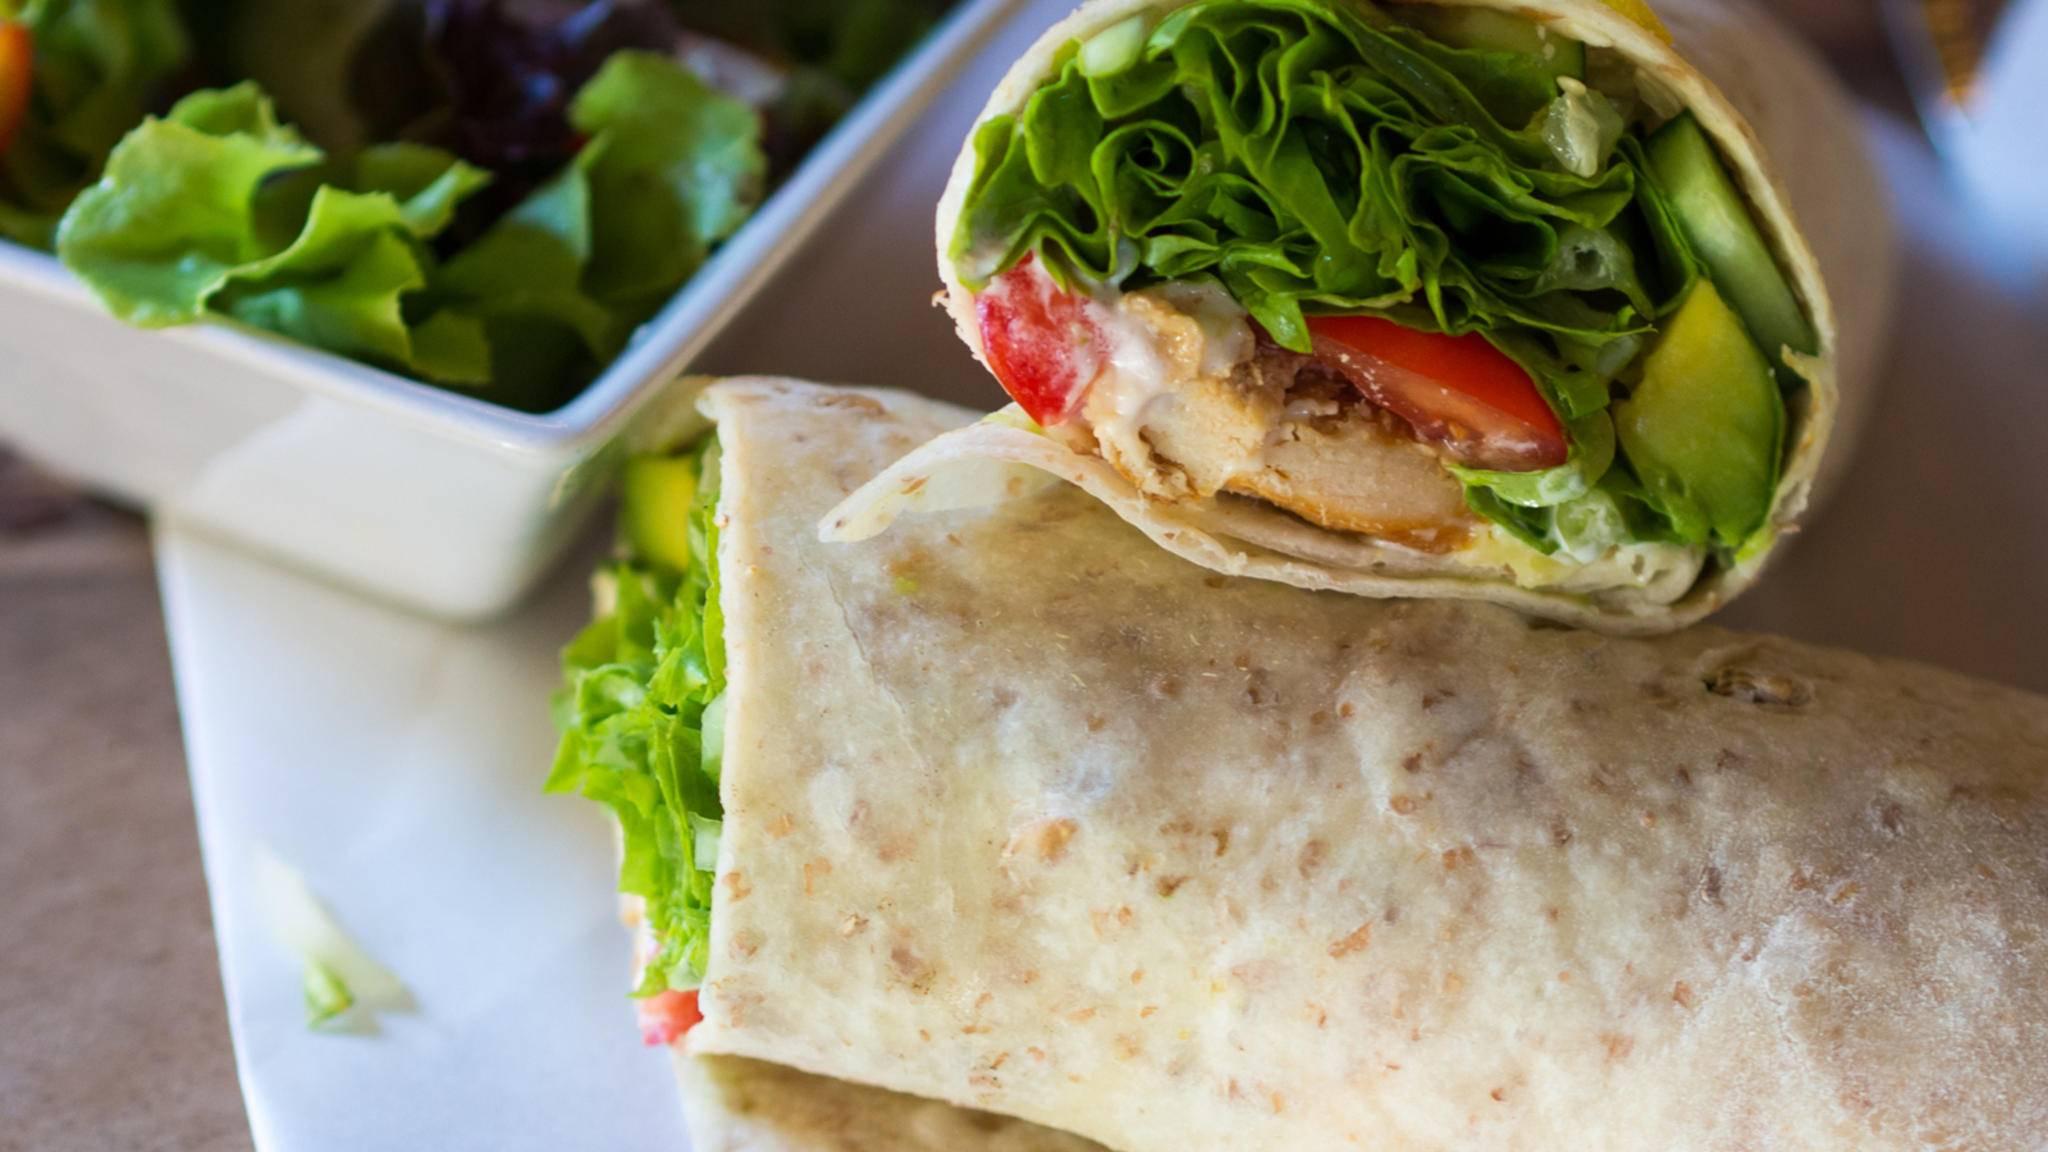 Leckere Wraps sind ohne Tortillas aus Weizen- oder Maismehl undenkbar.